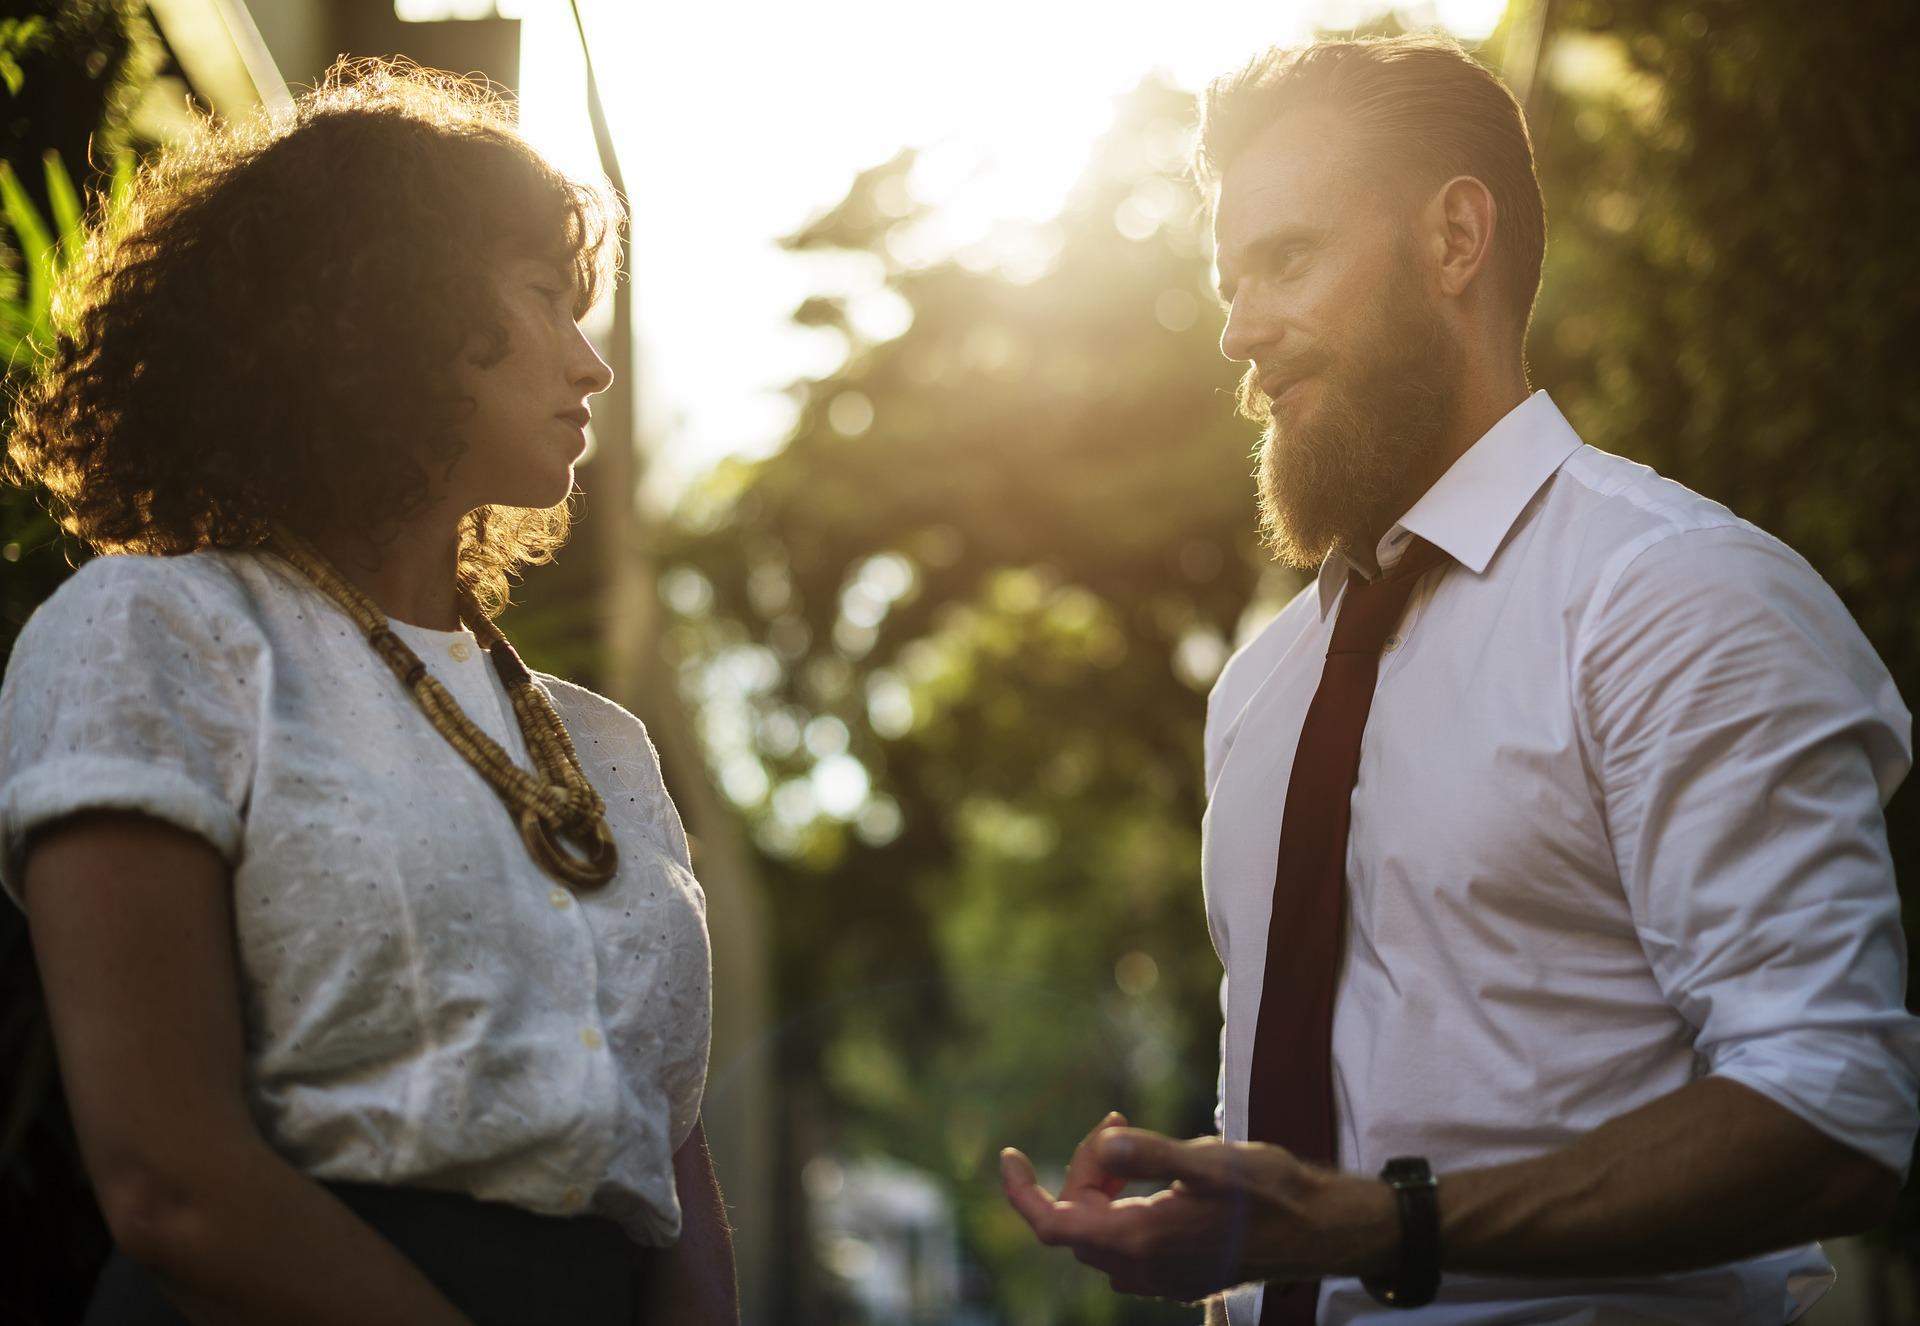 come approcciare ragazza primo approccio scuse per conoscere